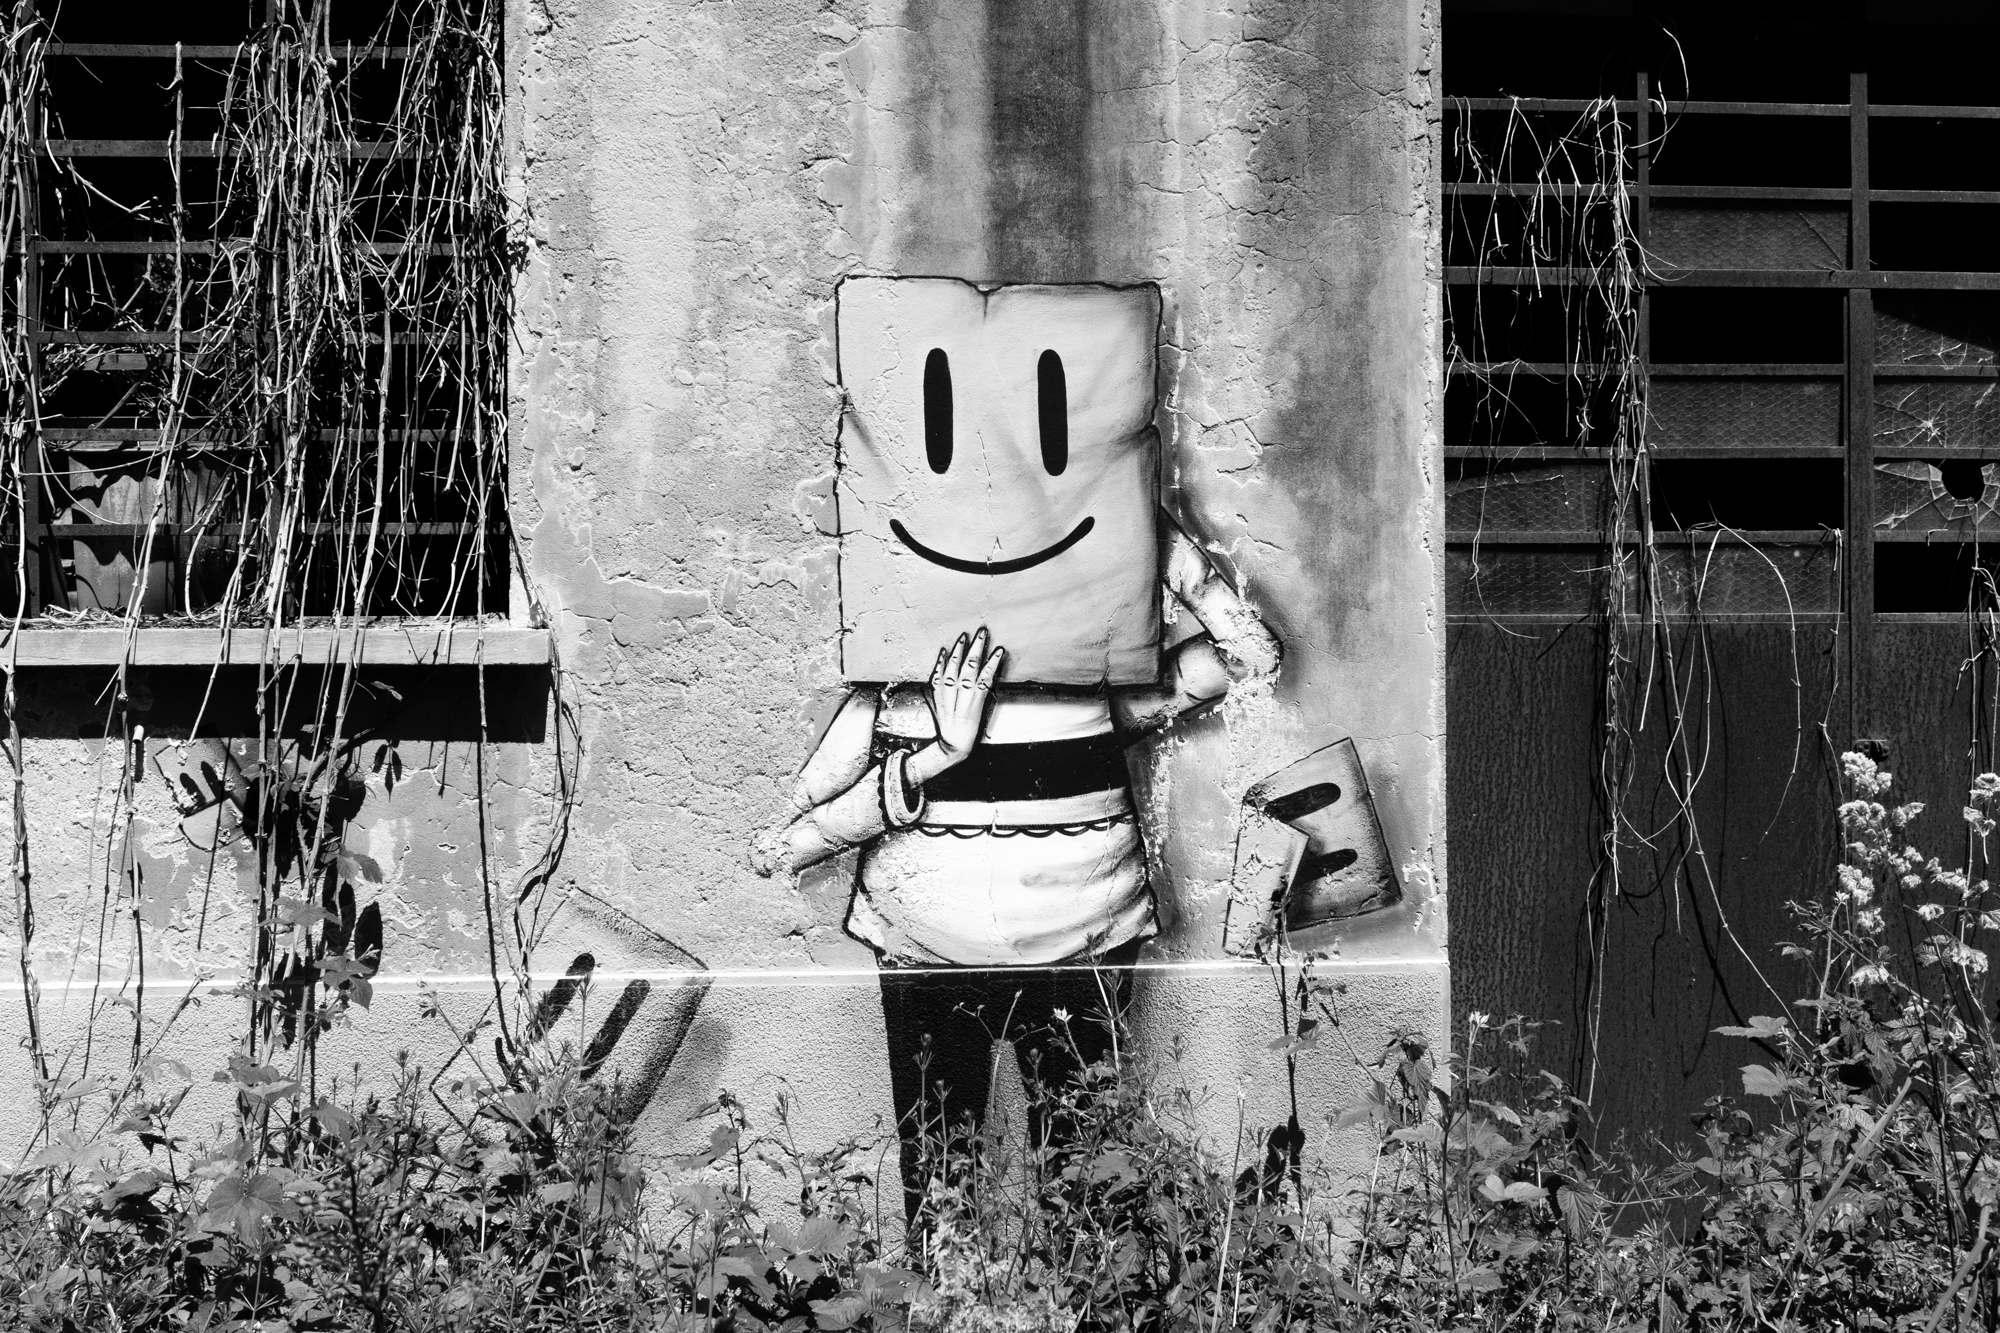 Graffiti of square smiley faces